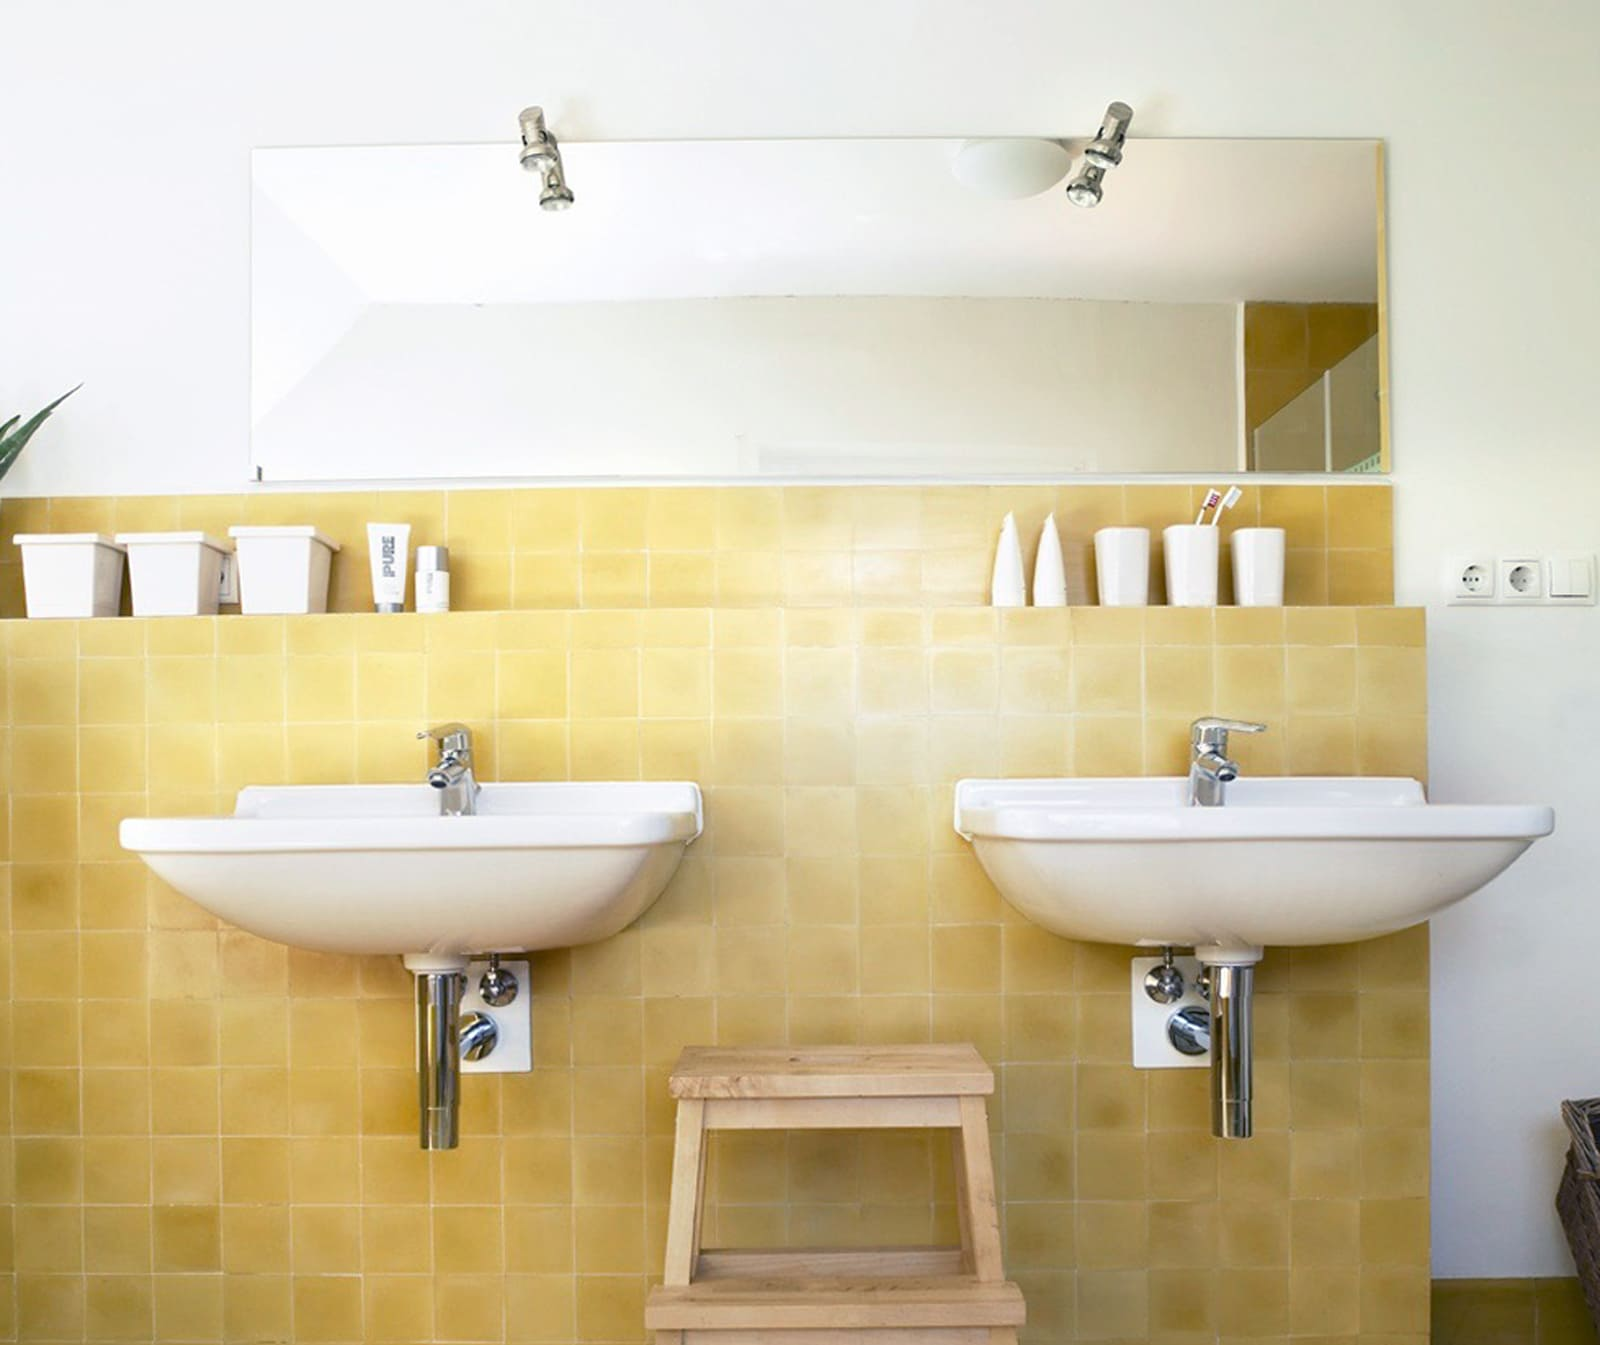 zementfliesen-terrazzofliesen-kreidefarbe-terrazzo-fugenlos-viaplatten-012-bad   012